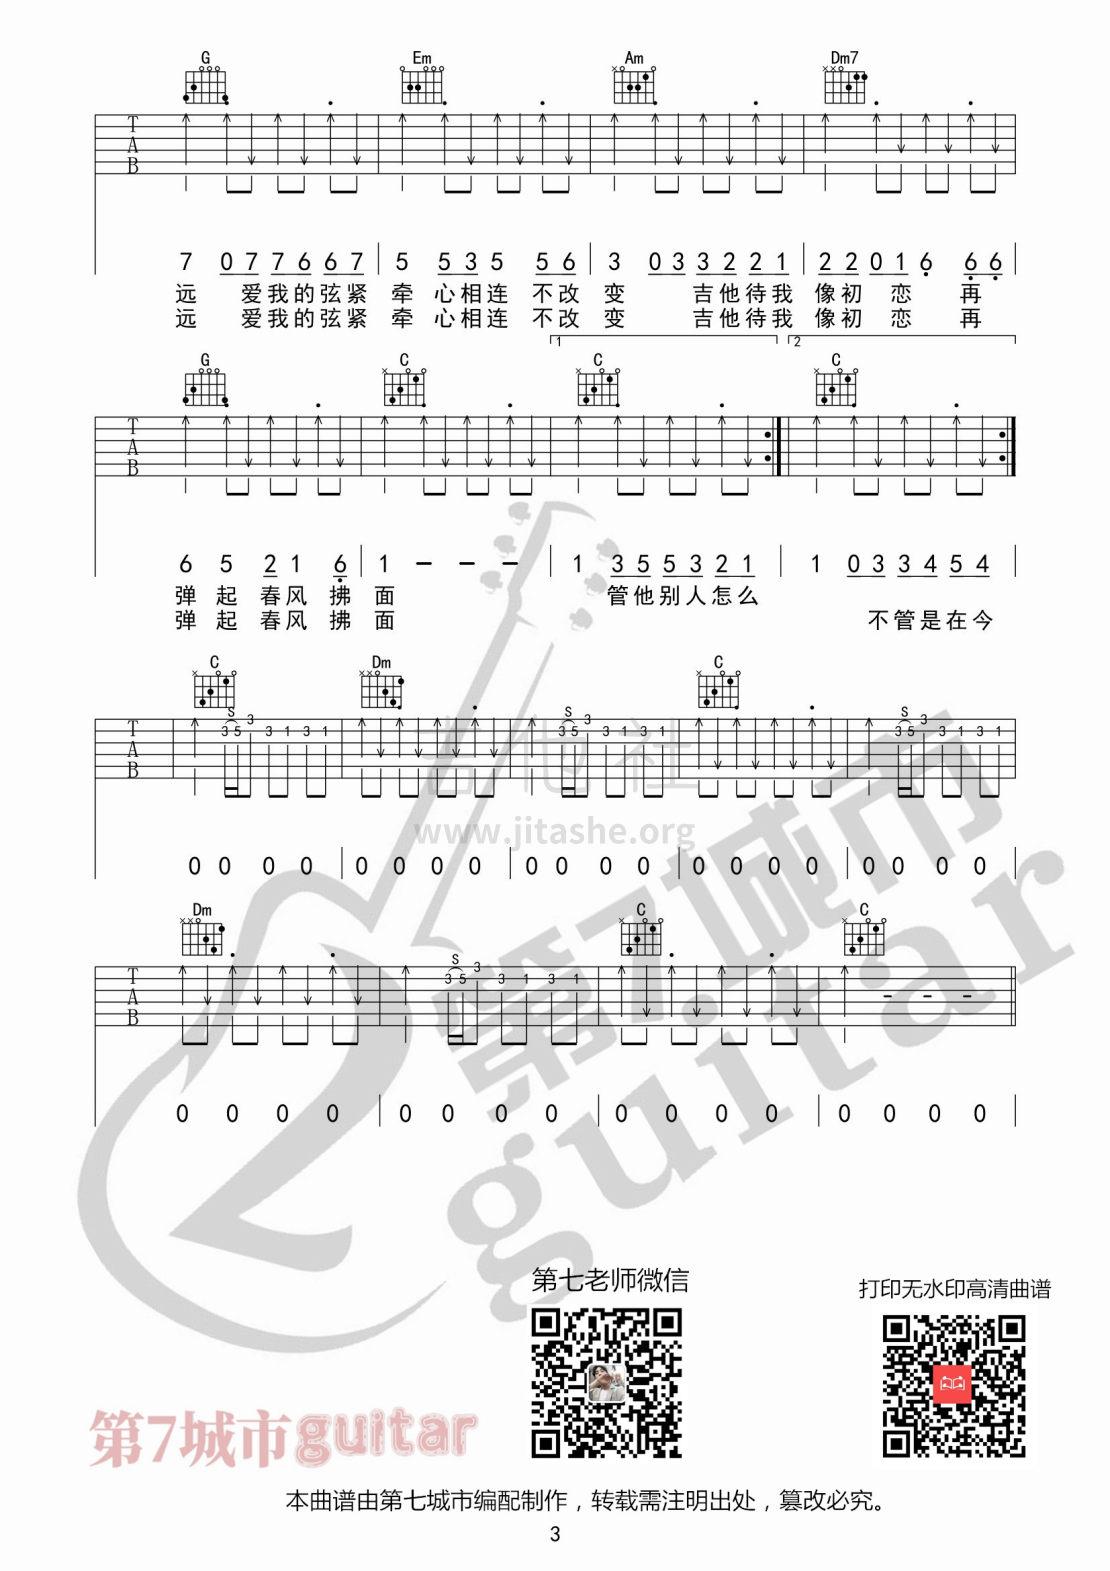 吉他初恋吉他谱(图片谱,第七城市,弹唱)_刘大壮_吉他初恋03_副本.jpg